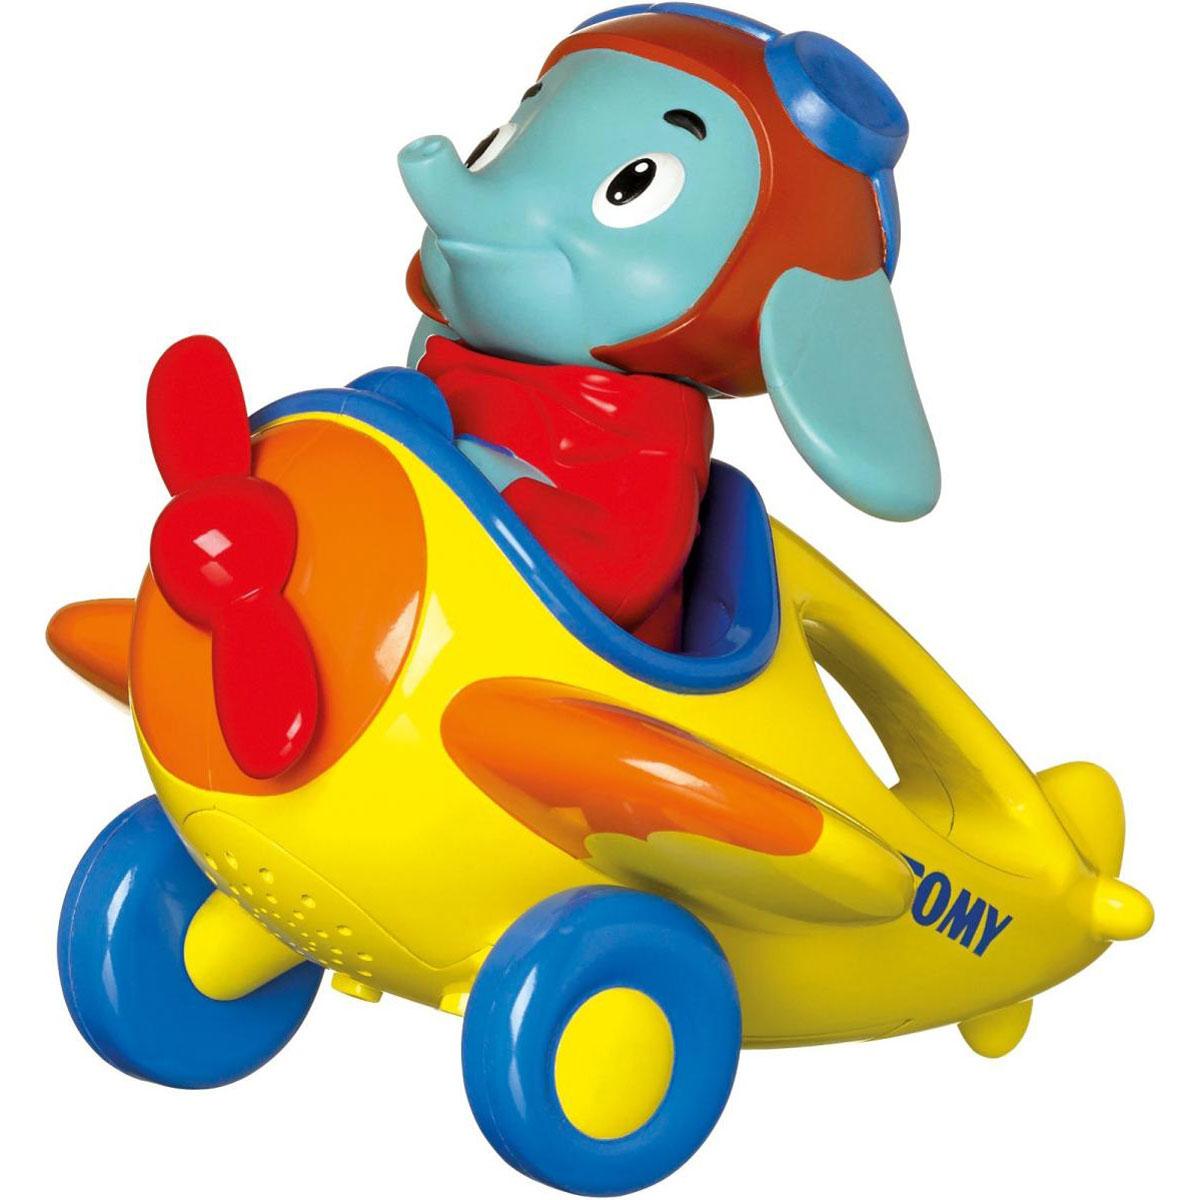 Tomy Развивающая игрушка Веселые виражи летчика Люка игрушки интерактивные tomy интерактивная игрушка веселые виражи летчика люка